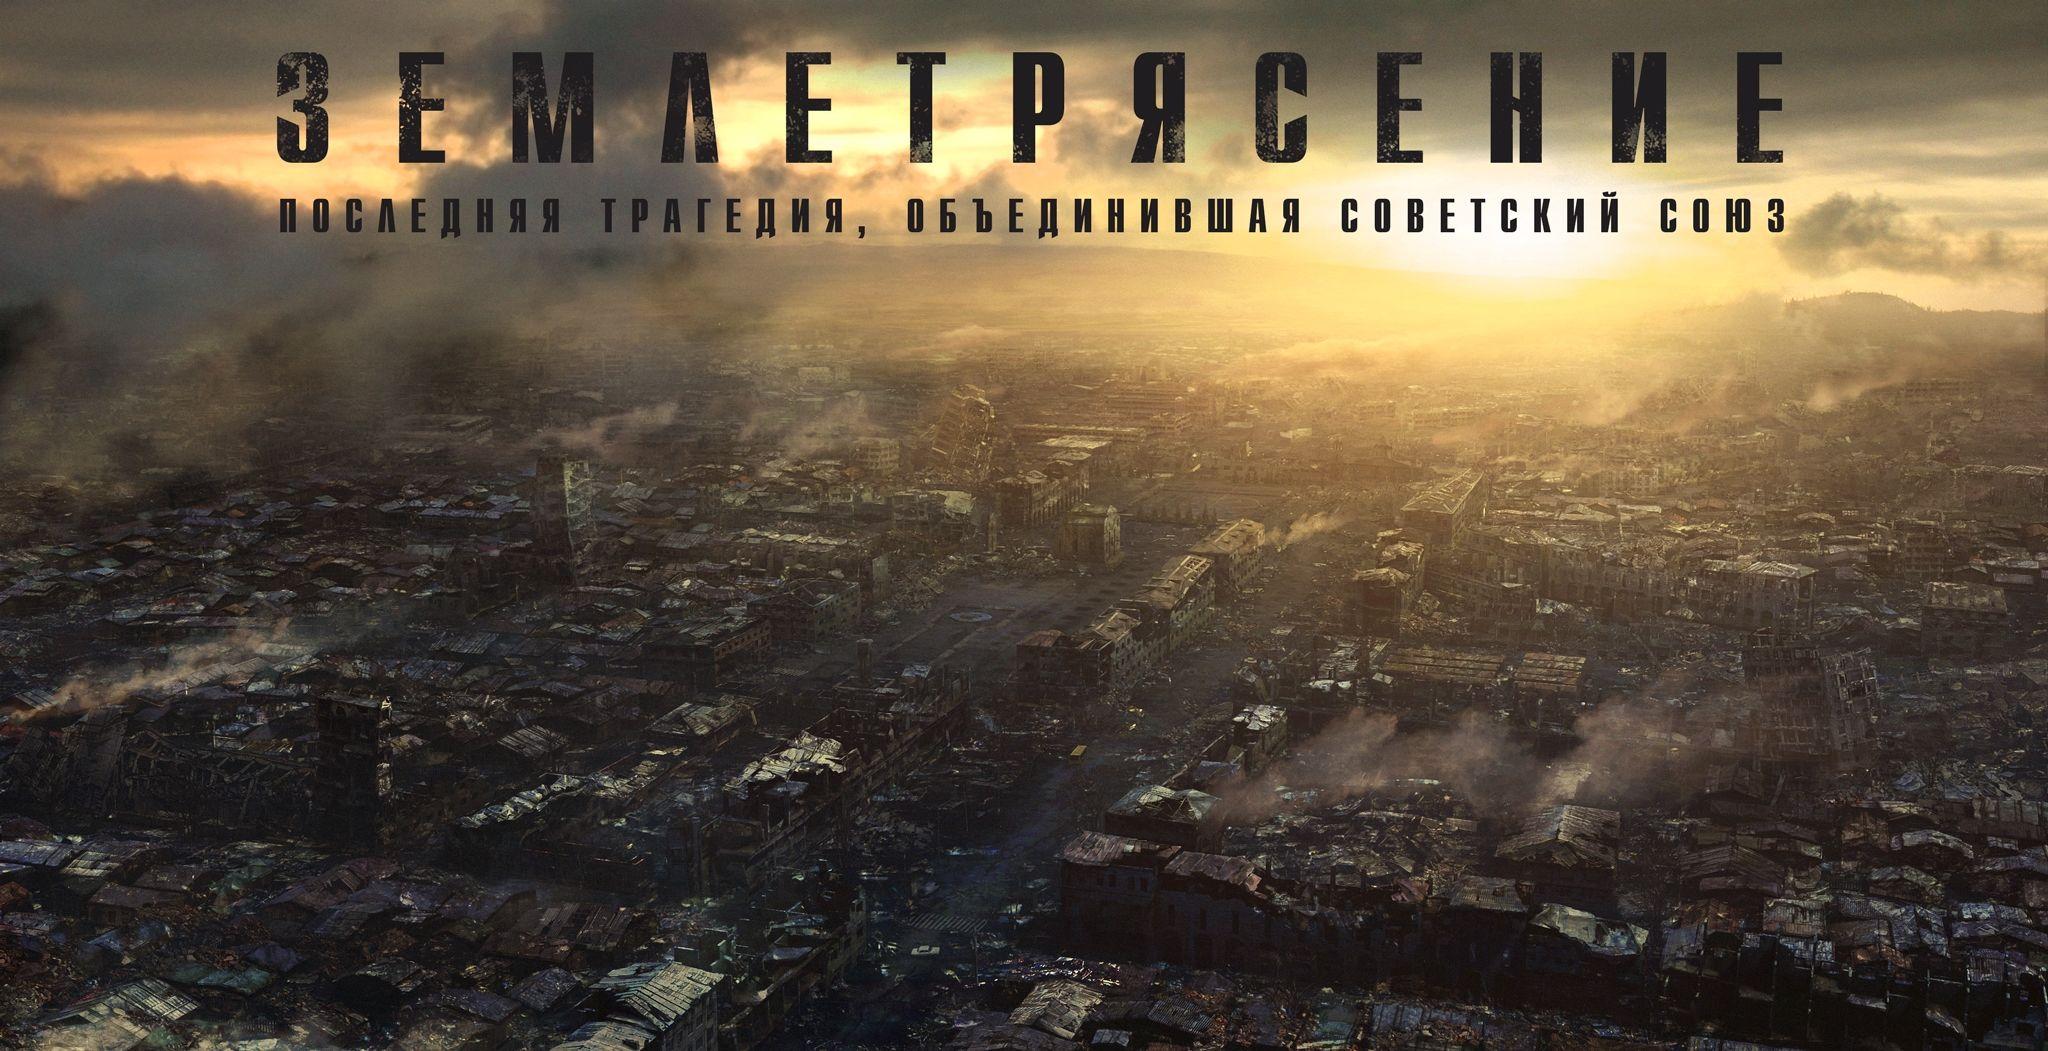 Землетрясение 2016 смотреть онлайн или скачать фильм